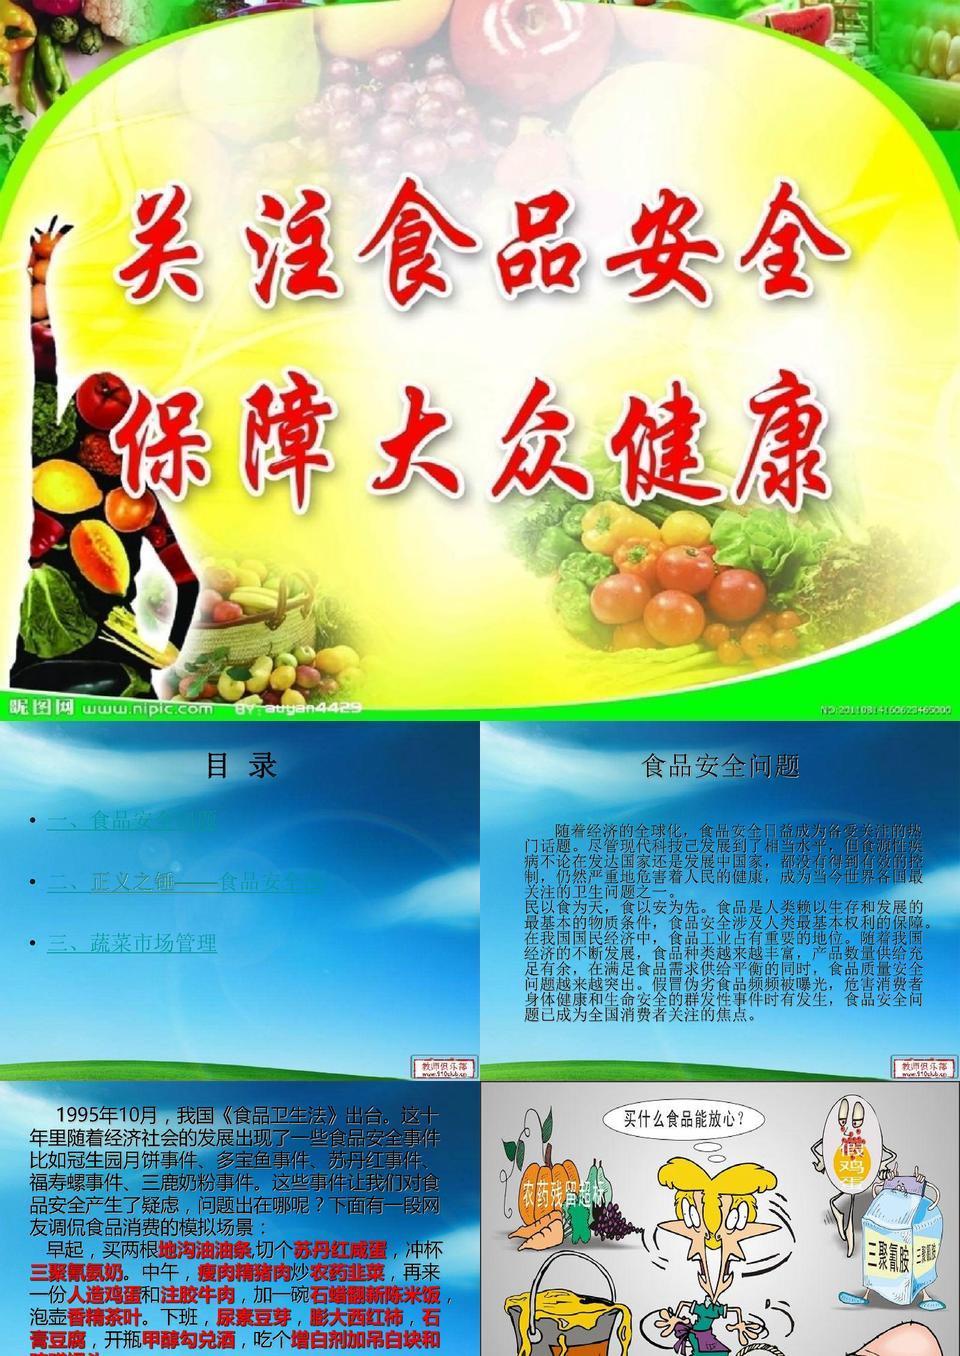 超市员工食品安全培训课件.ppt